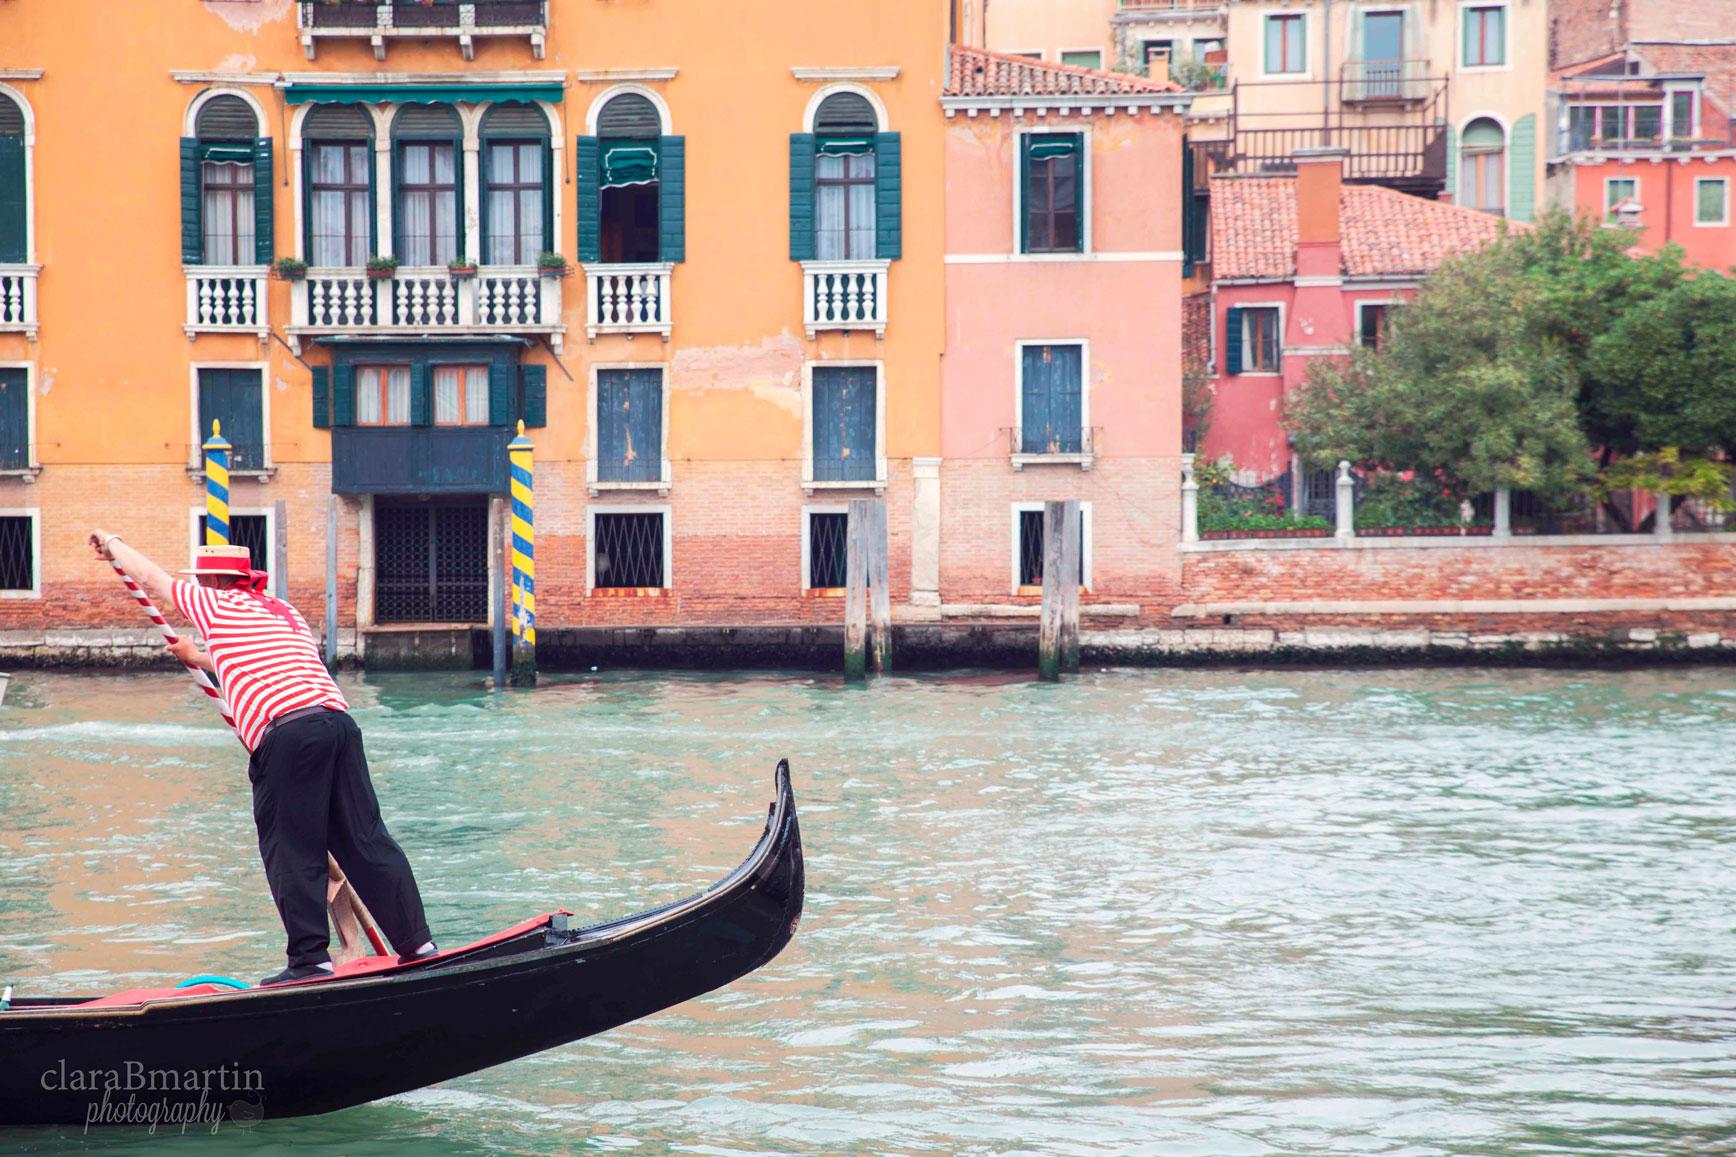 Venecia_claraBmartin_23